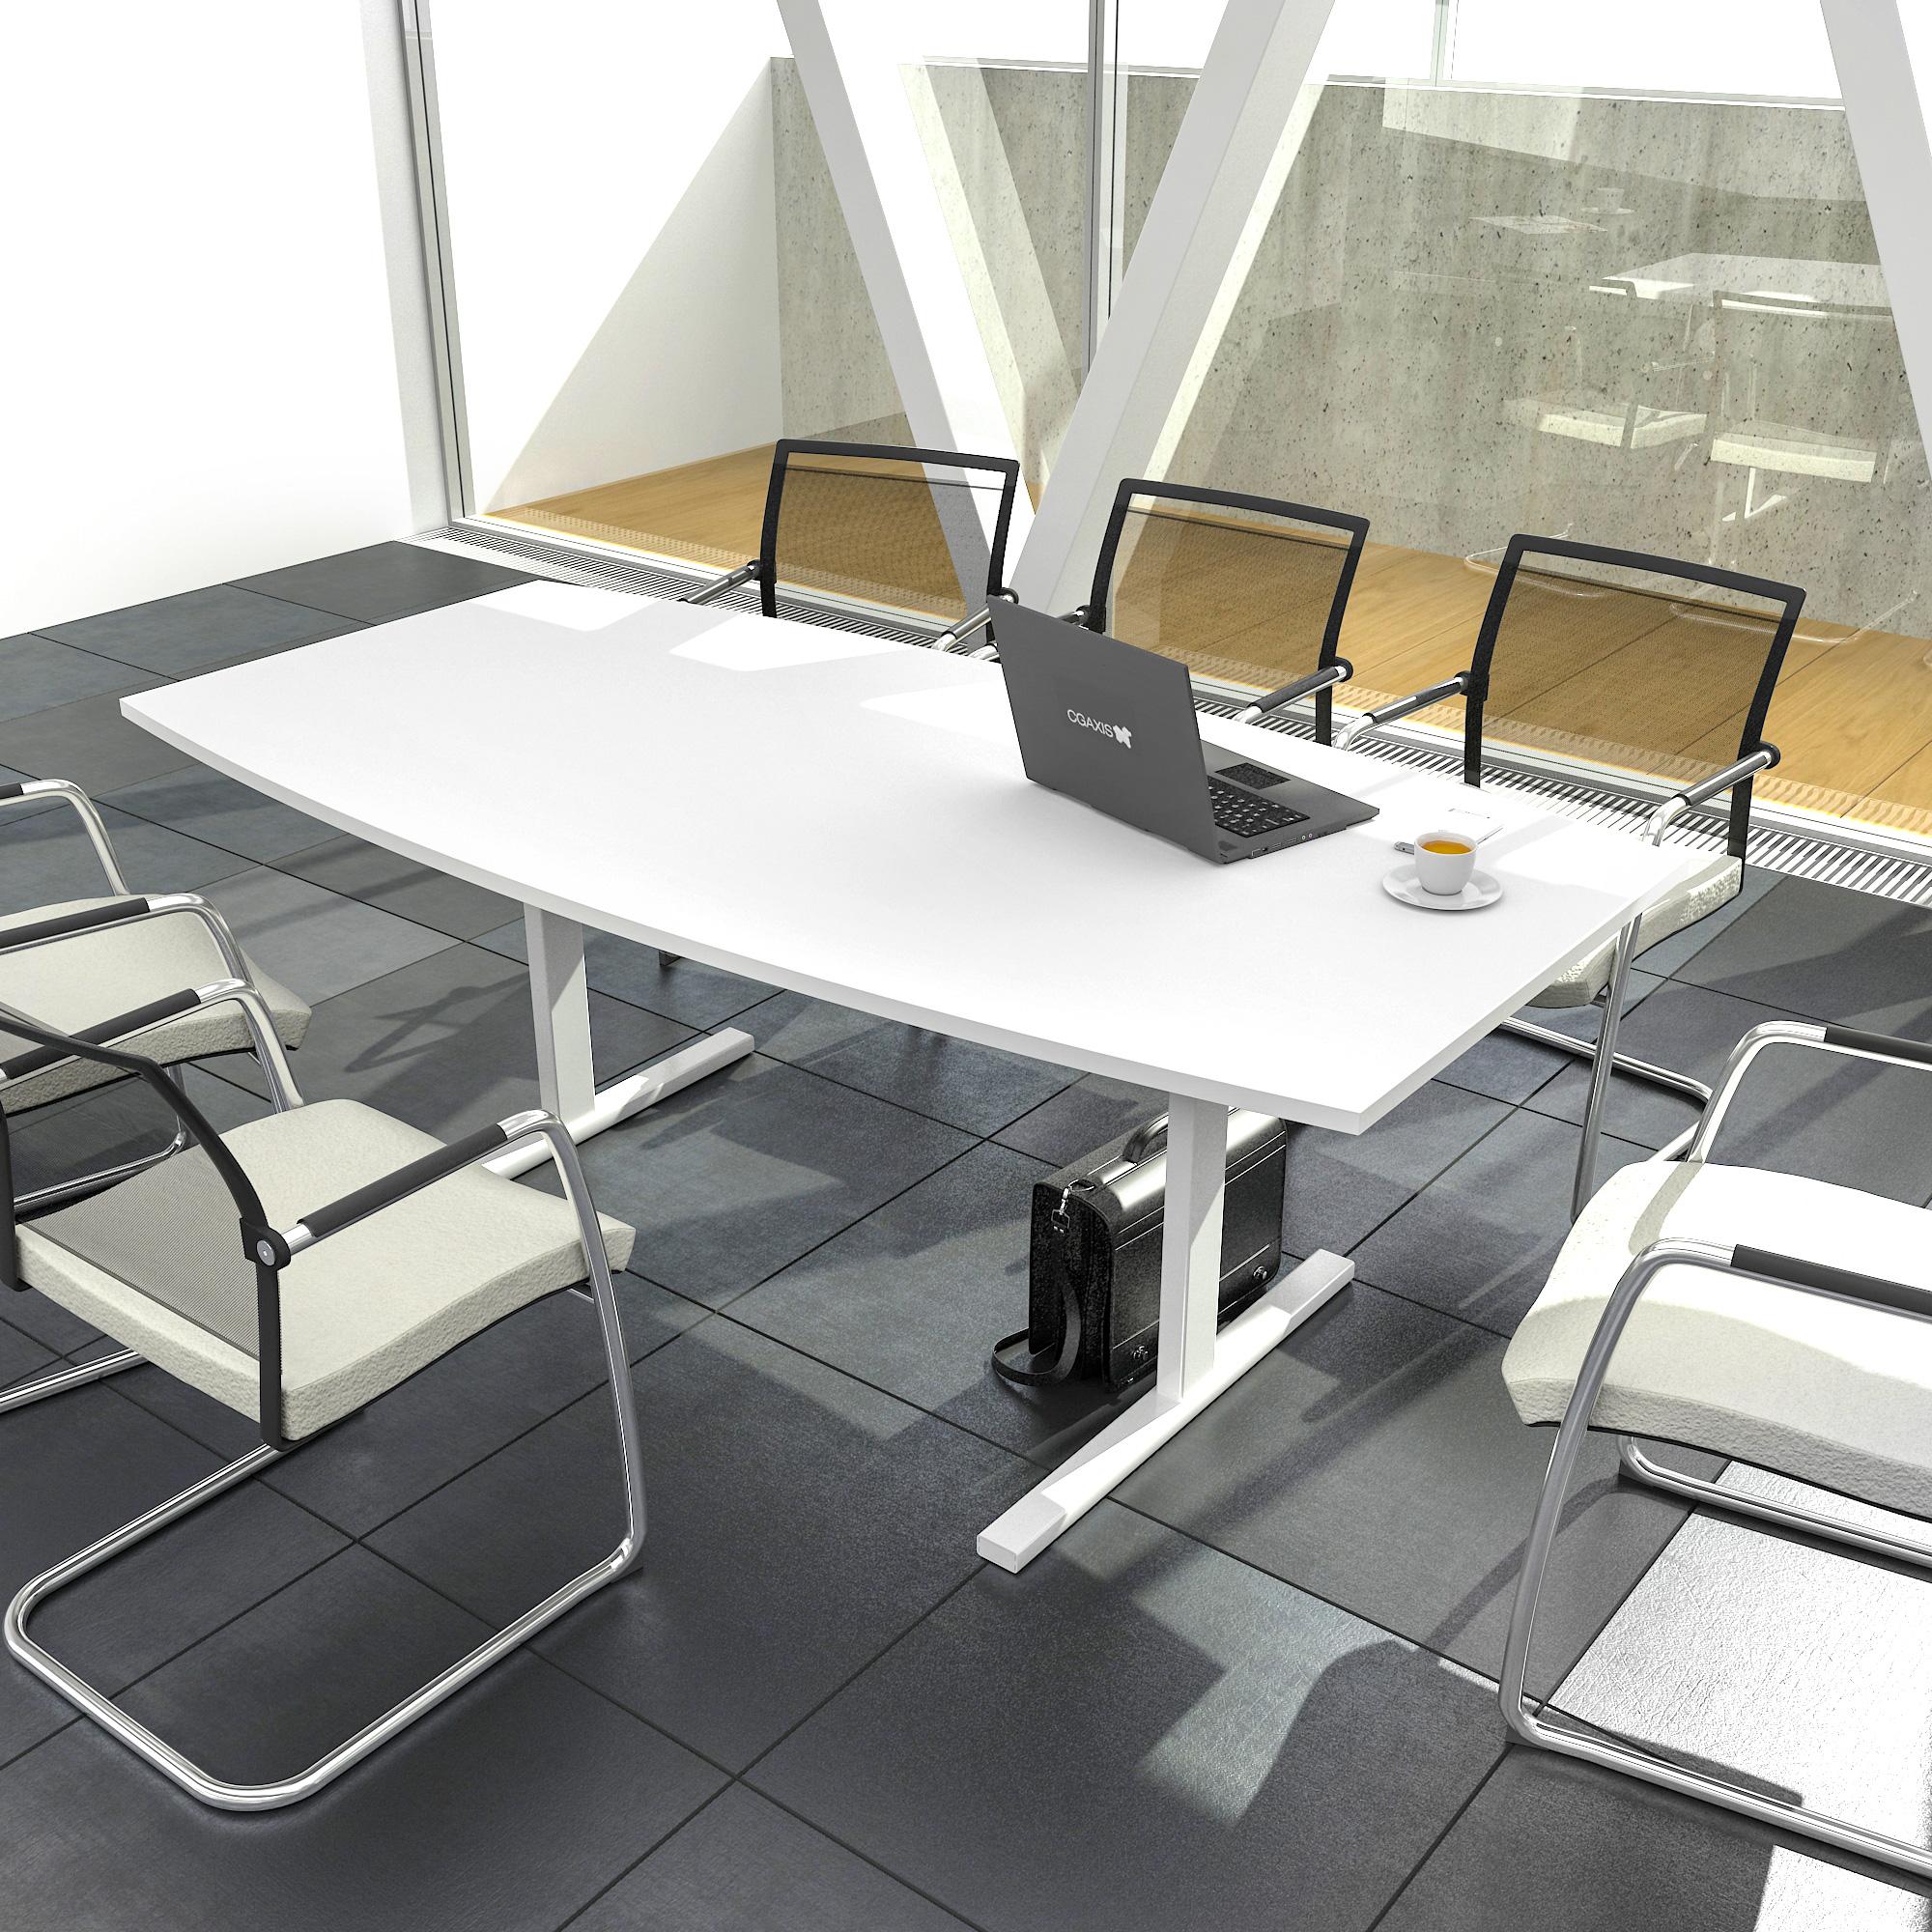 EASY Konferenztisch Bootsform 180x100 cm Weiß Besprechungstisch Tisch